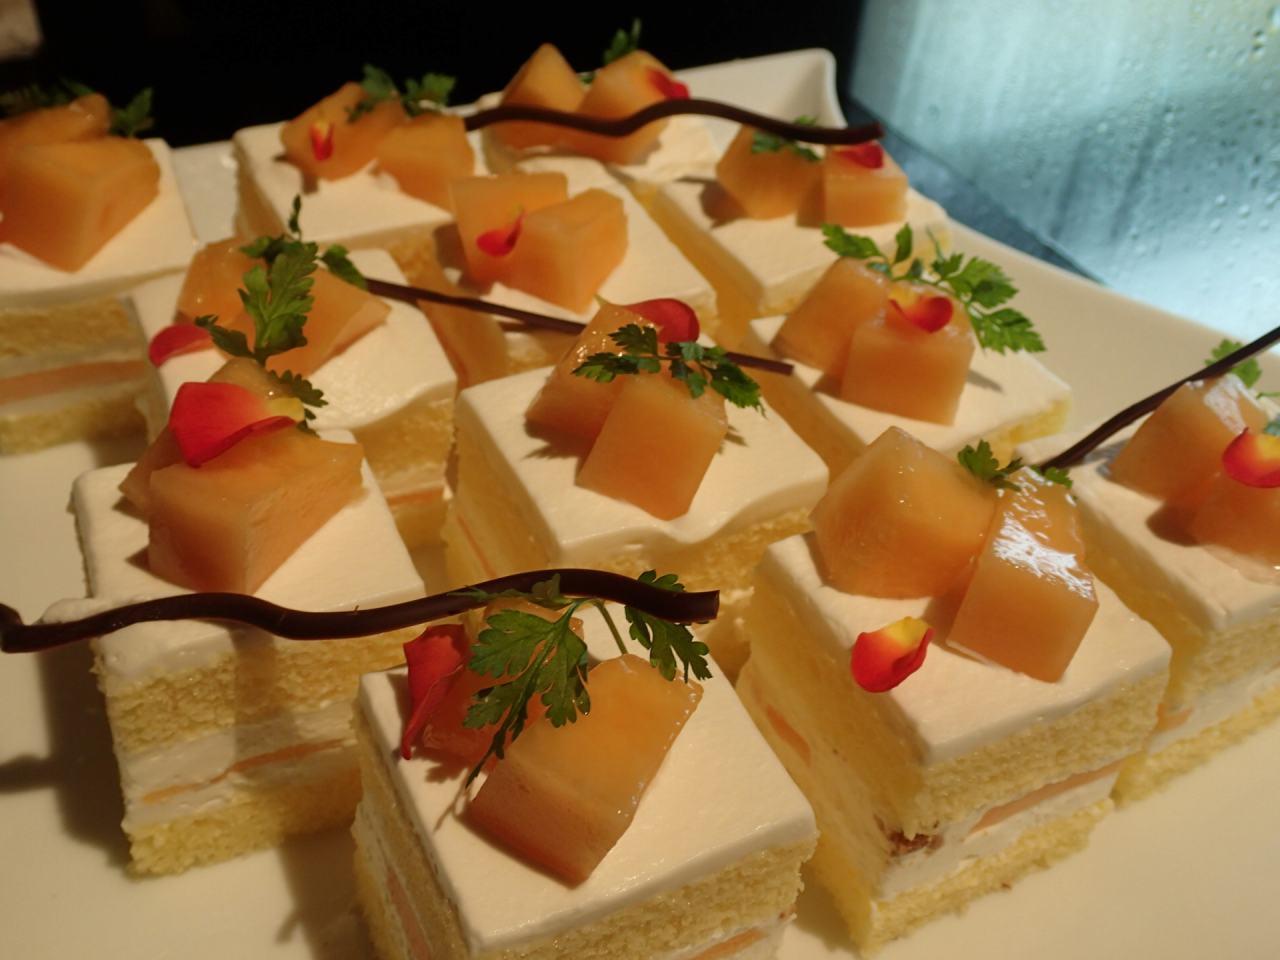 レッドメロンショートケーキ